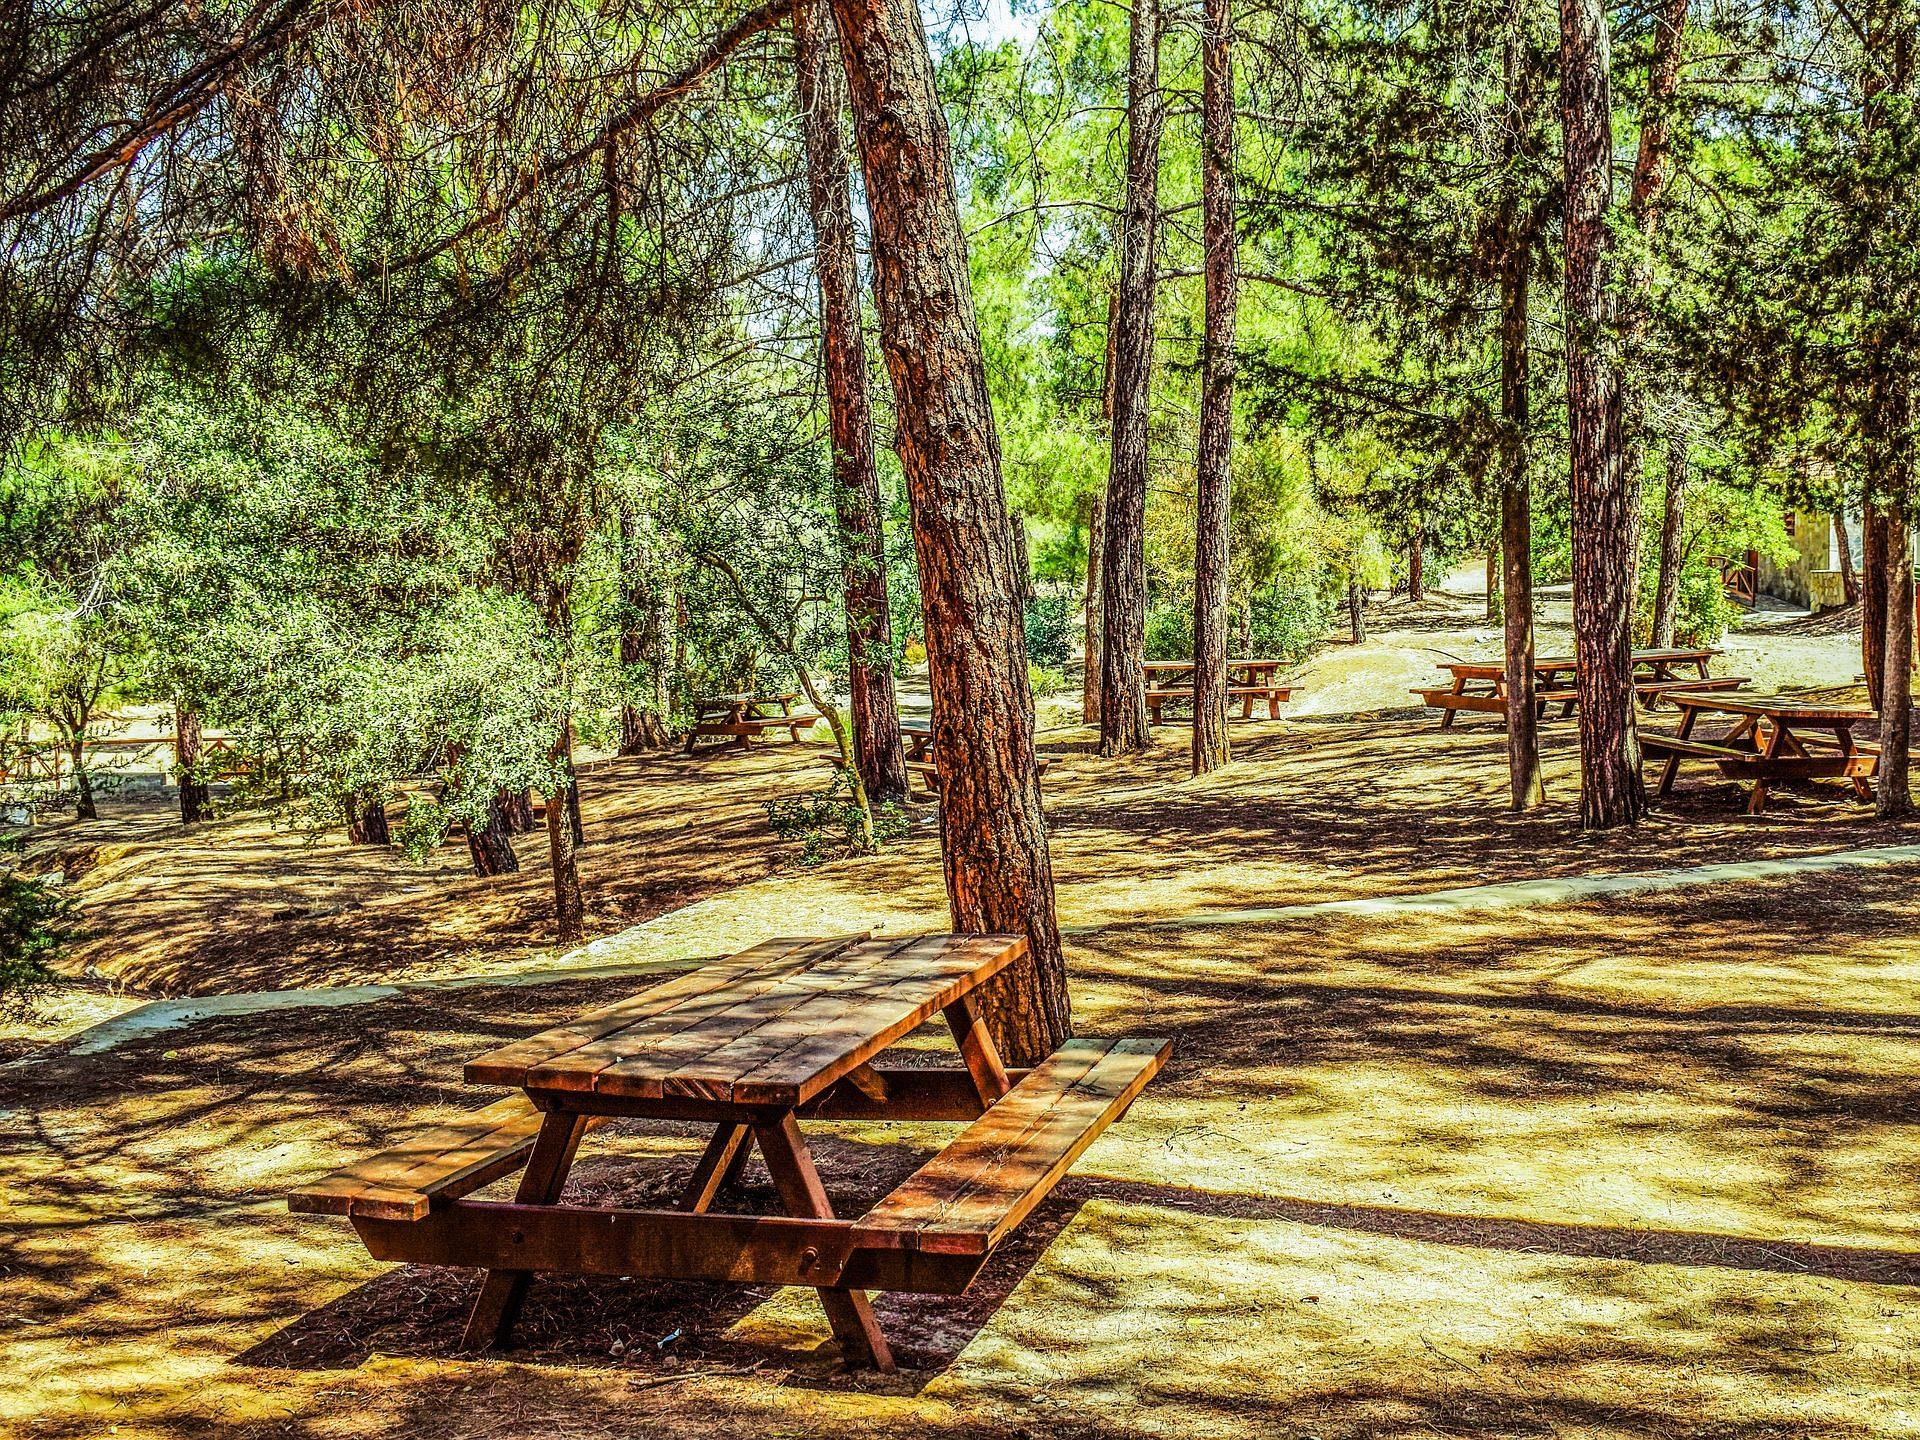 merendero, campo, bosque, recreo, mesas, bancos, árboles - Fondos de Pantalla HD - professor-falken.com